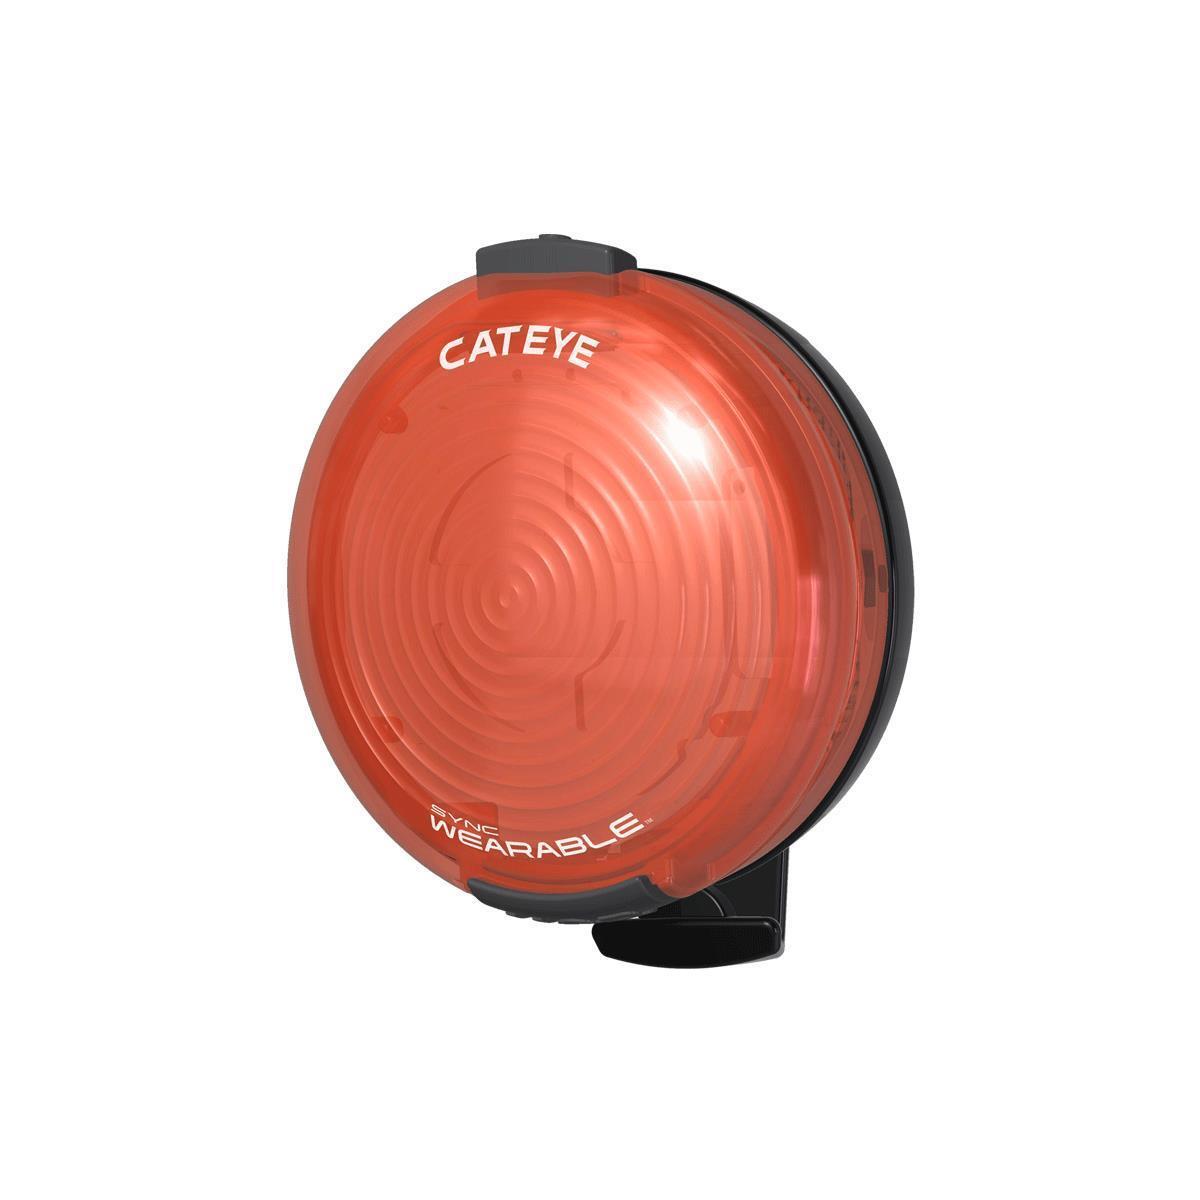 Cateye Sync Wearable Wearable Sync 35/40 Lm Wearable Bike Light a9fa44